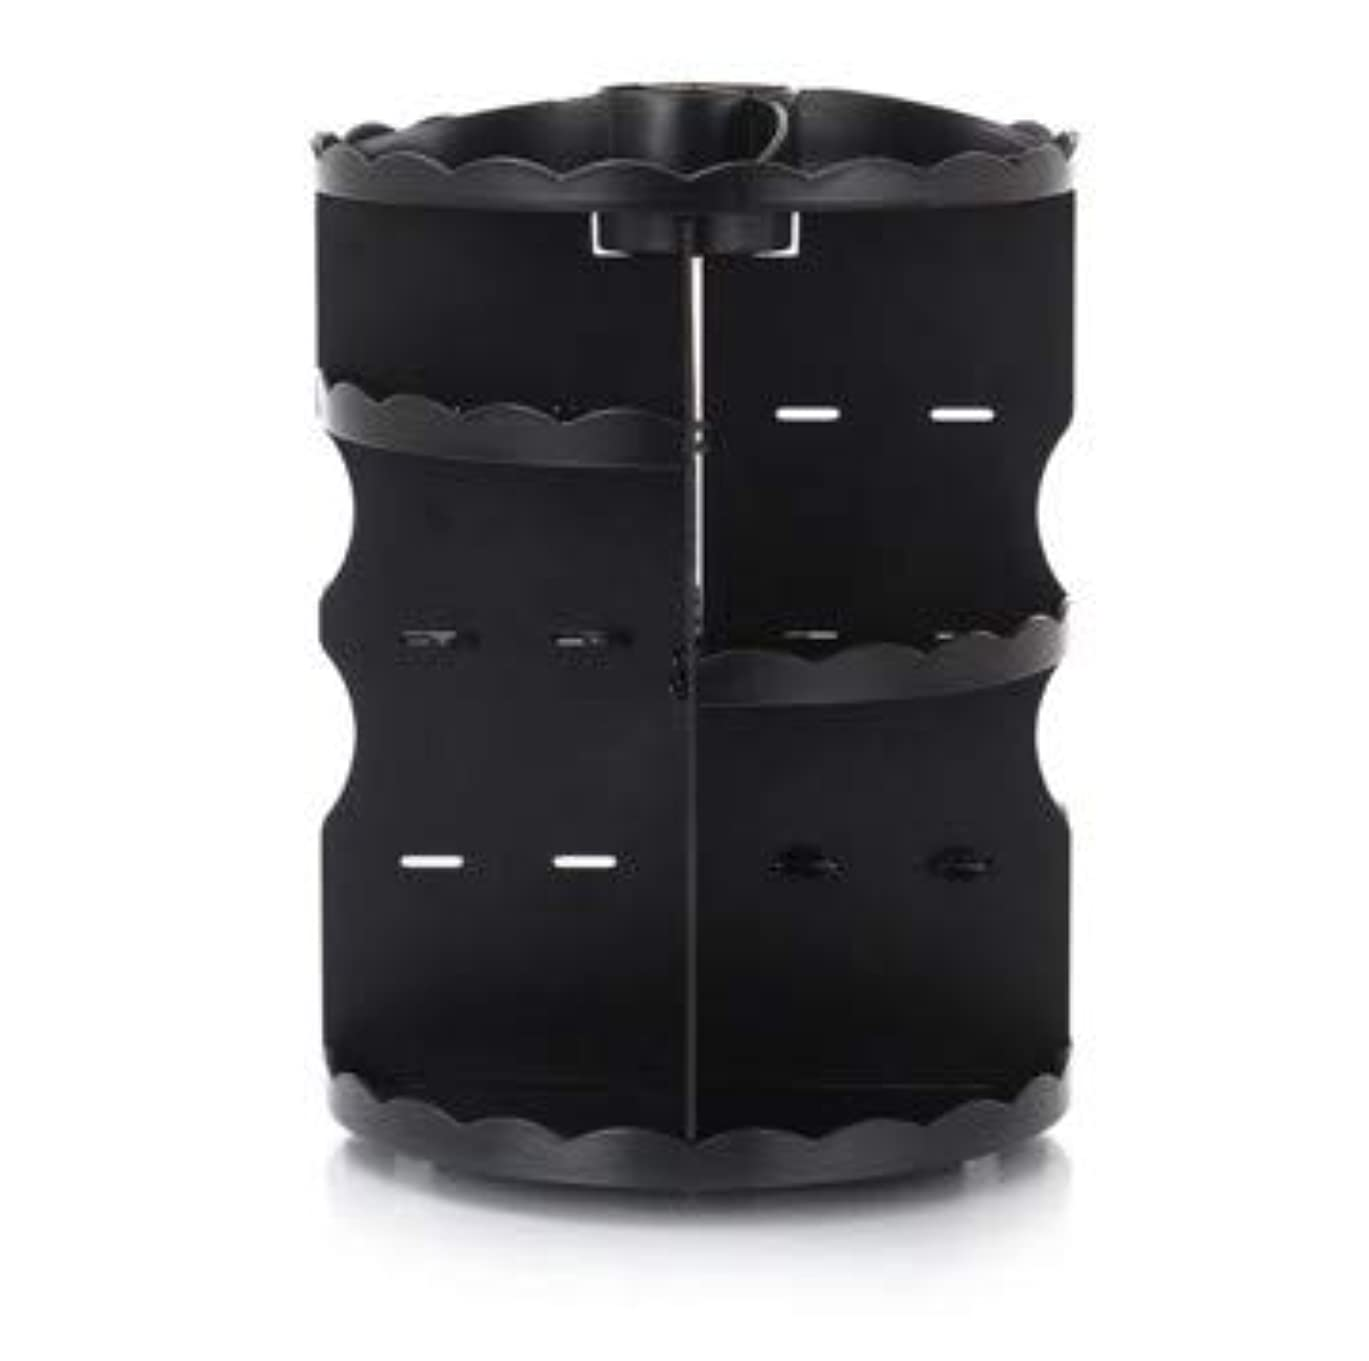 衝動女優倒産ラウンド卓上回転口紅フレーム透明アクリル化粧ケース浴室スキンケアプラスチック収納ボックス (Color : ブラック)